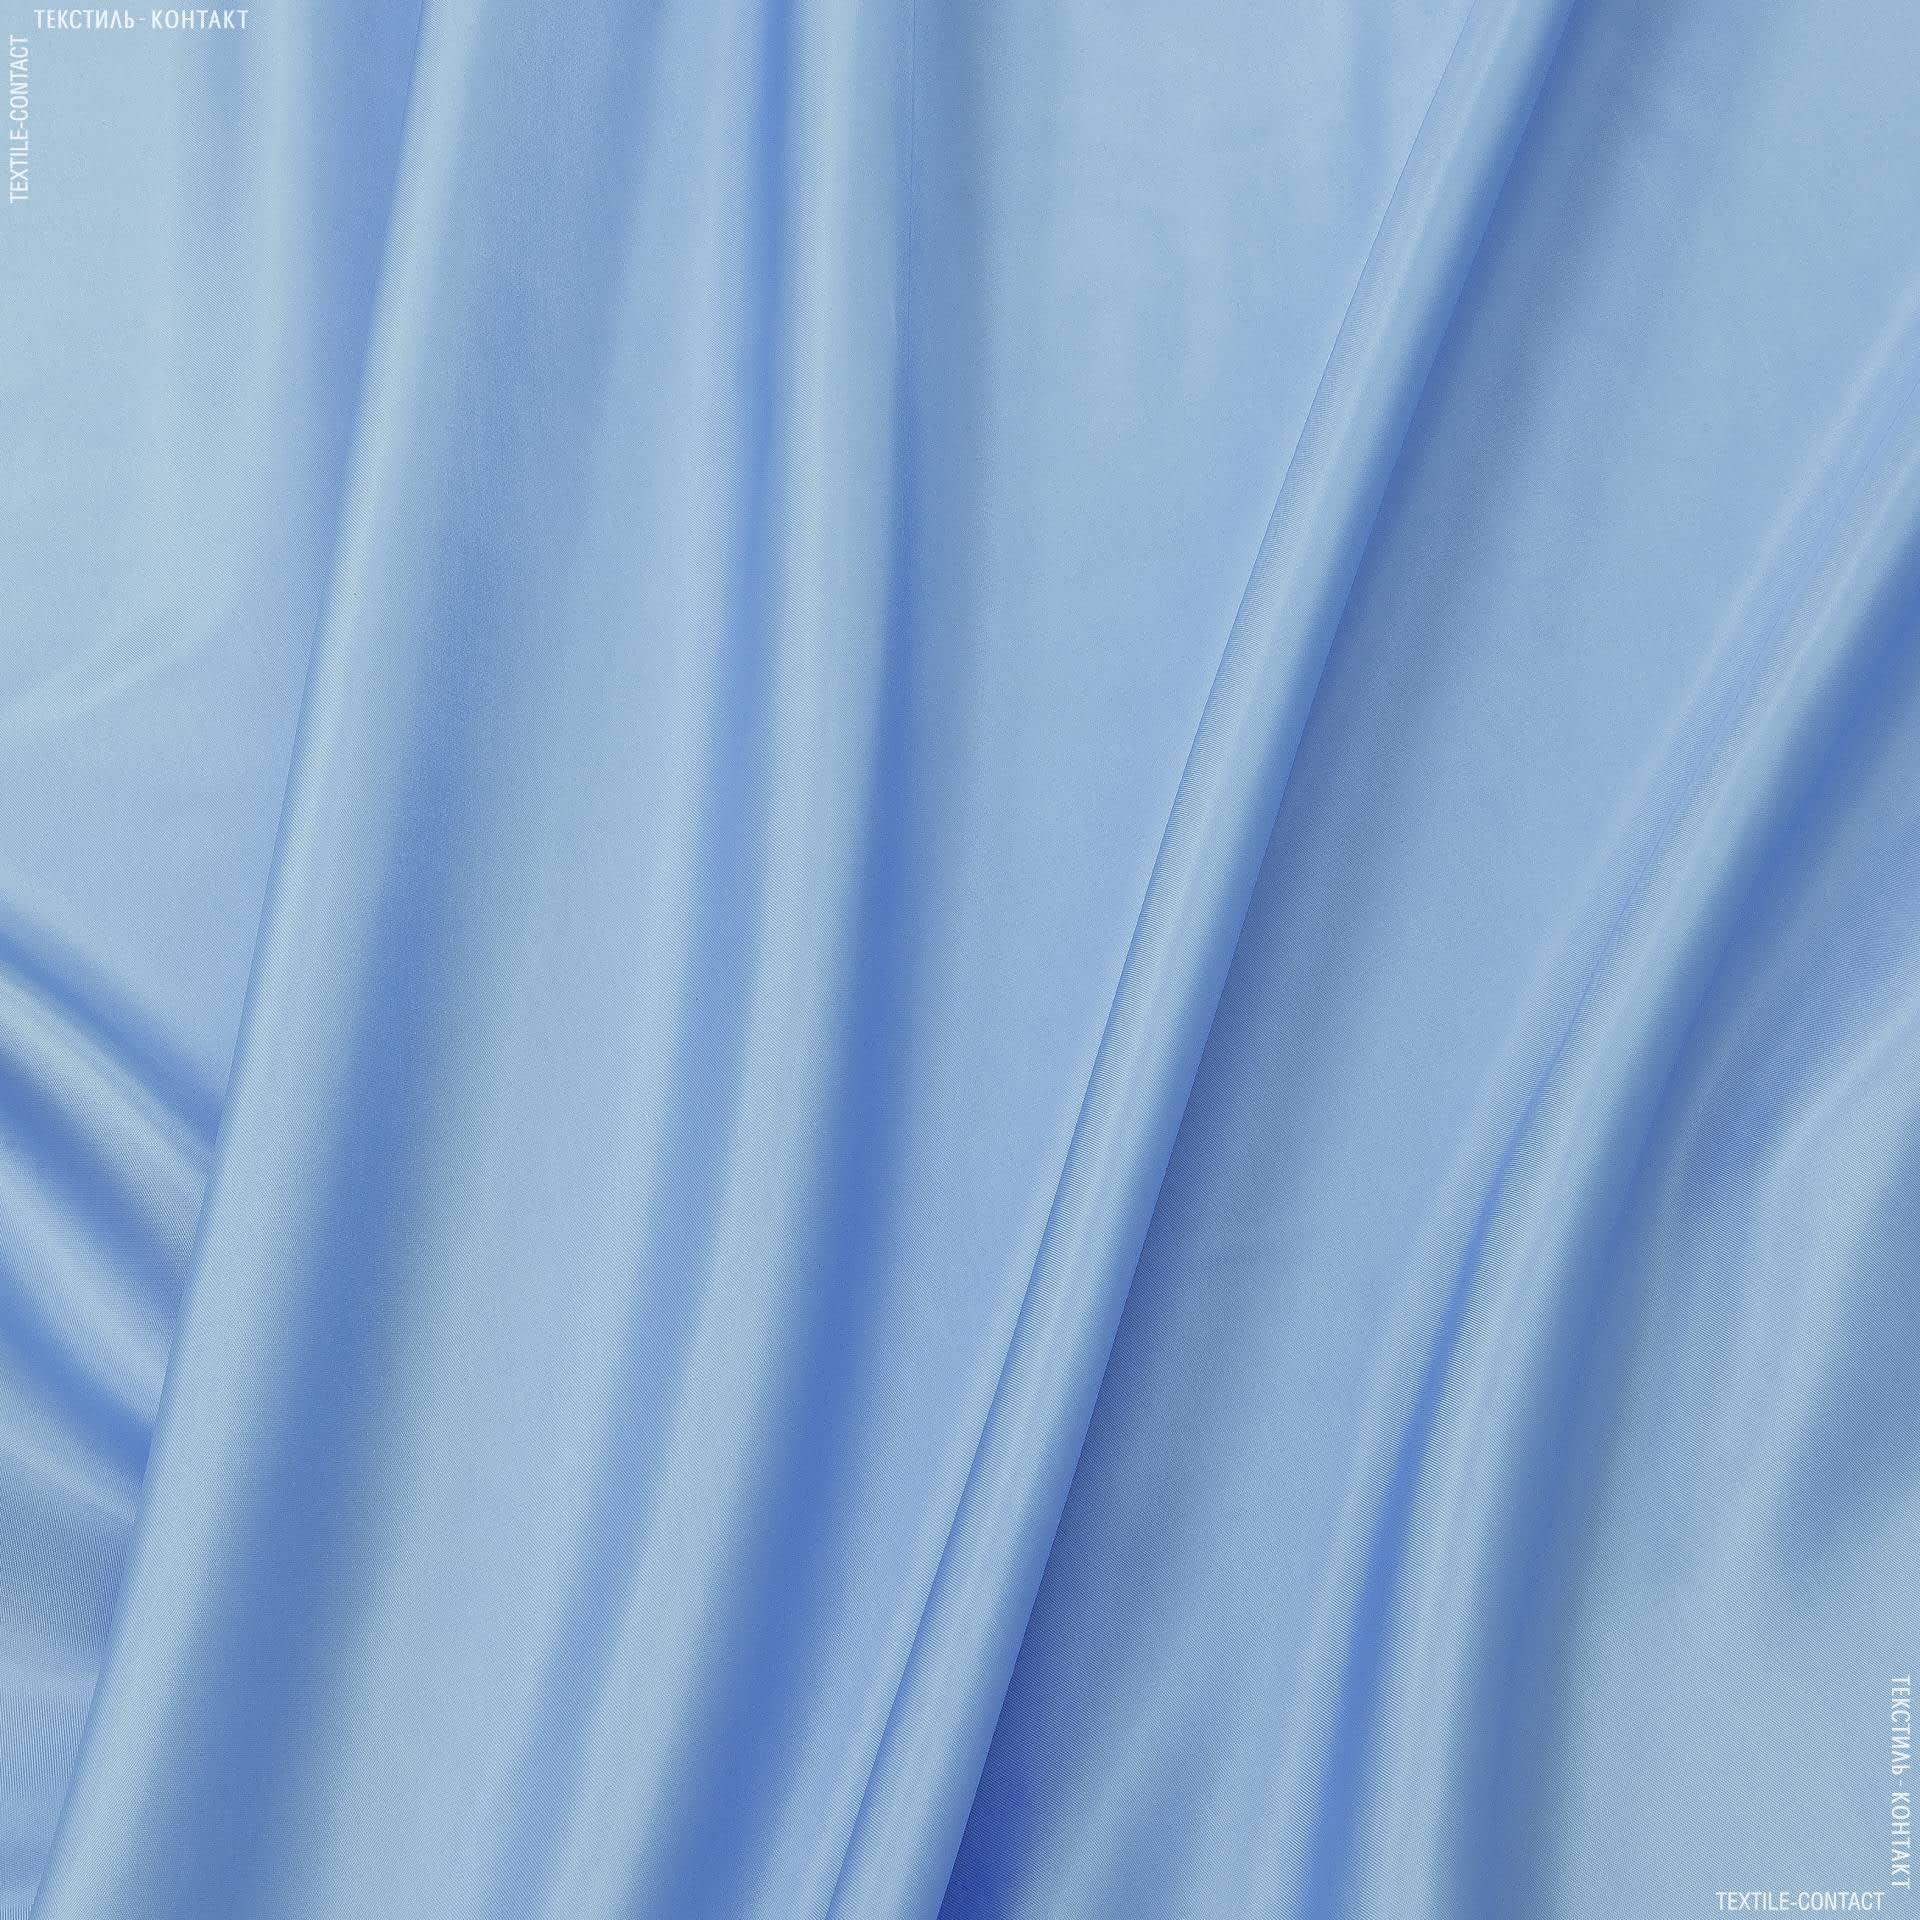 Тканини підкладкова тканина - Підкладковий атлас блакитний